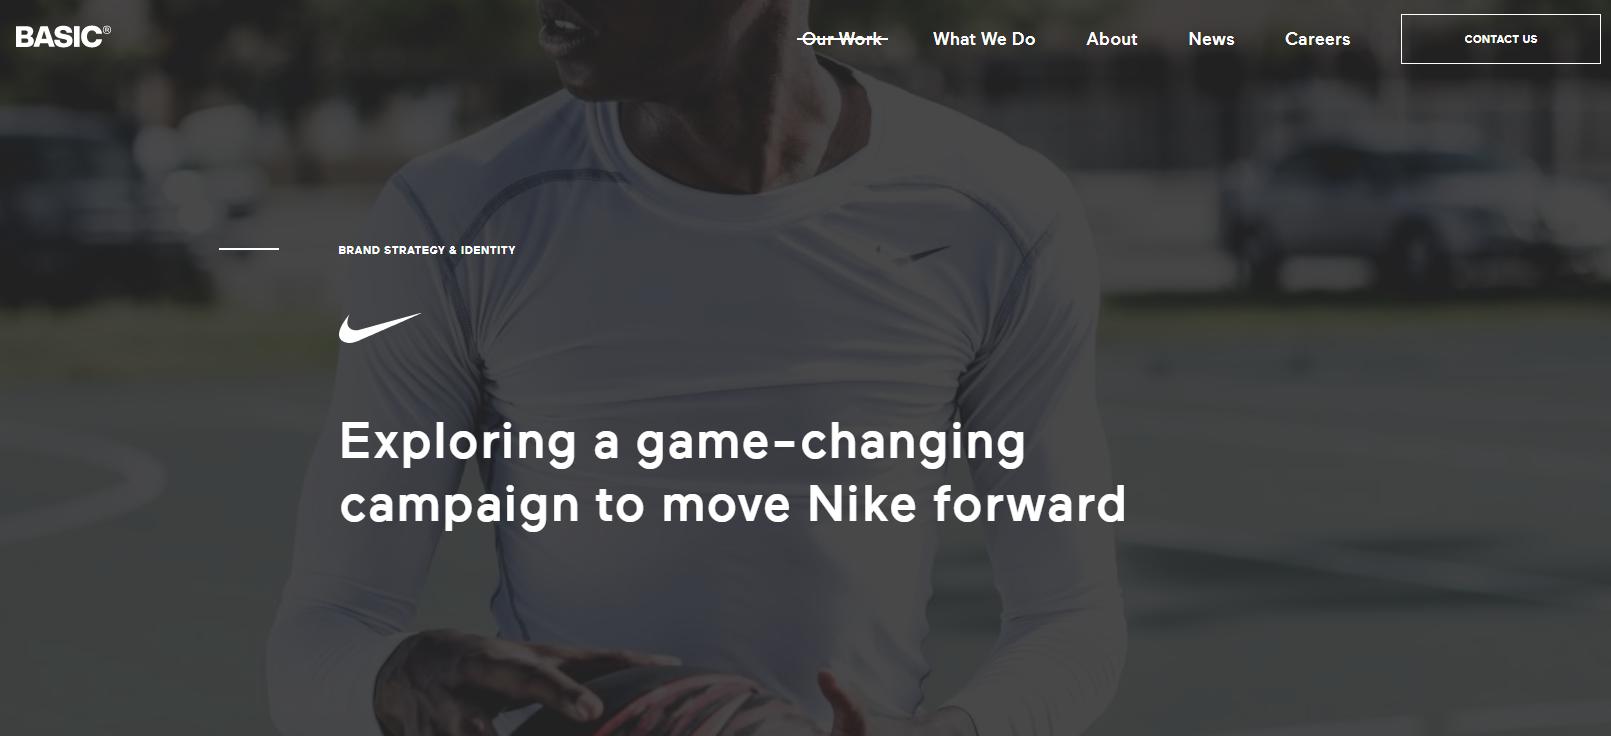 Basic Agency - Nike